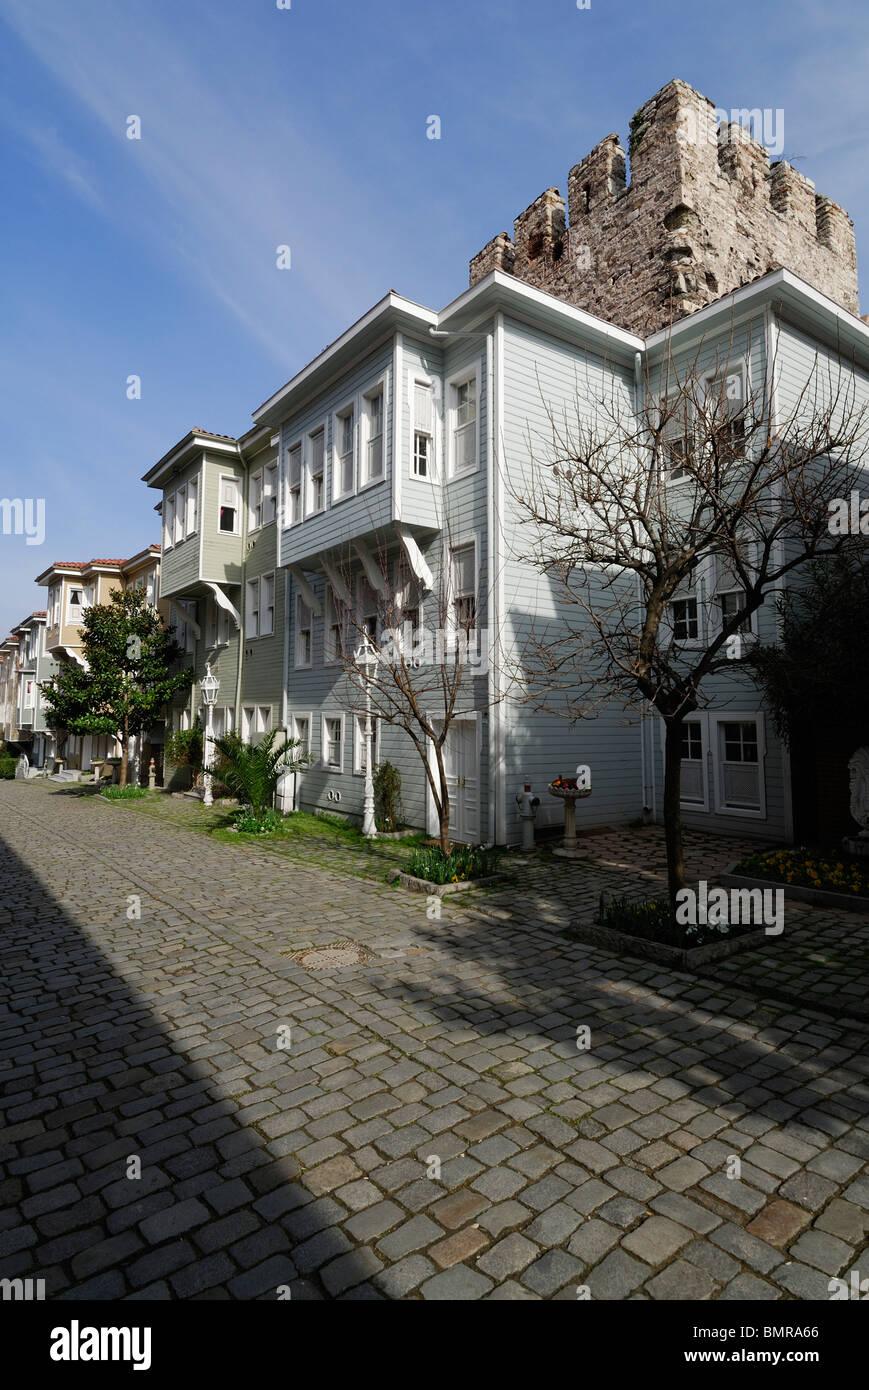 Estambul. Turquía. Las tradicionales casas de madera sobre Sogukcesme Sok construidos contra las paredes del Imagen De Stock